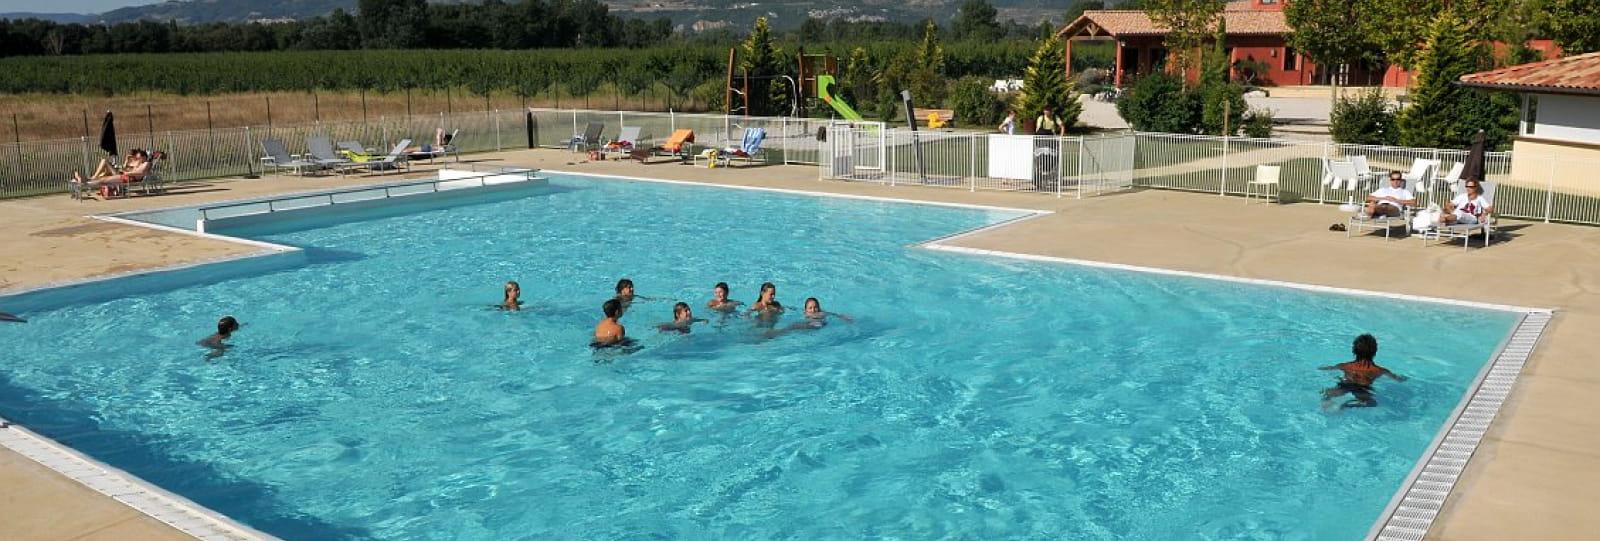 Résidence-club Vacanceole Le Domaine du Lac